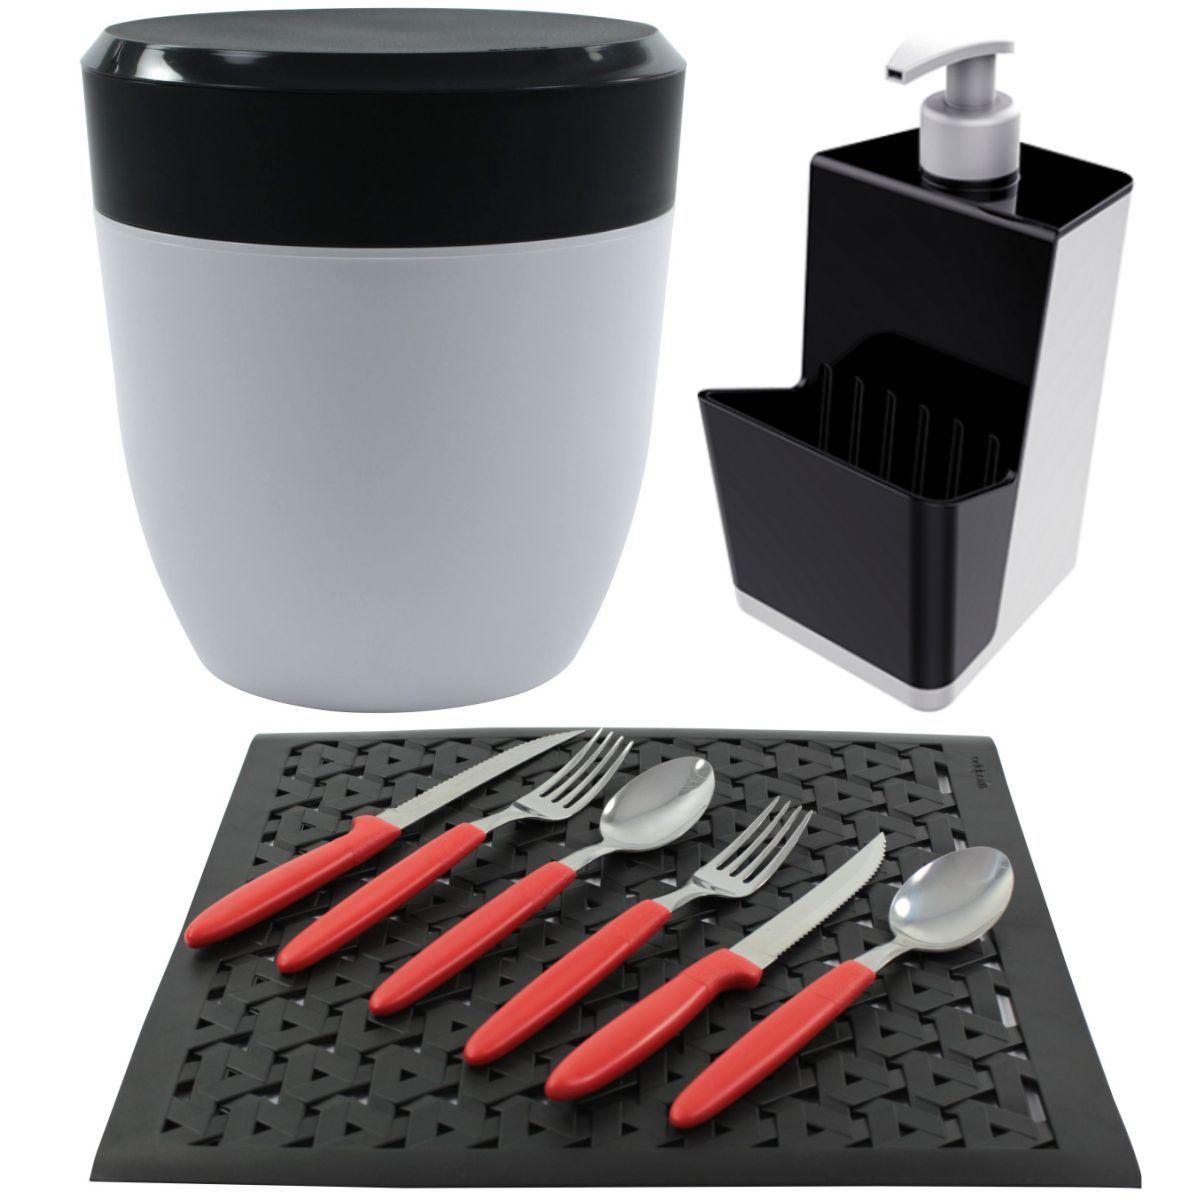 Kit Lixeirinha Dispenser Detergente Grade de Pia Cozinha - Cores